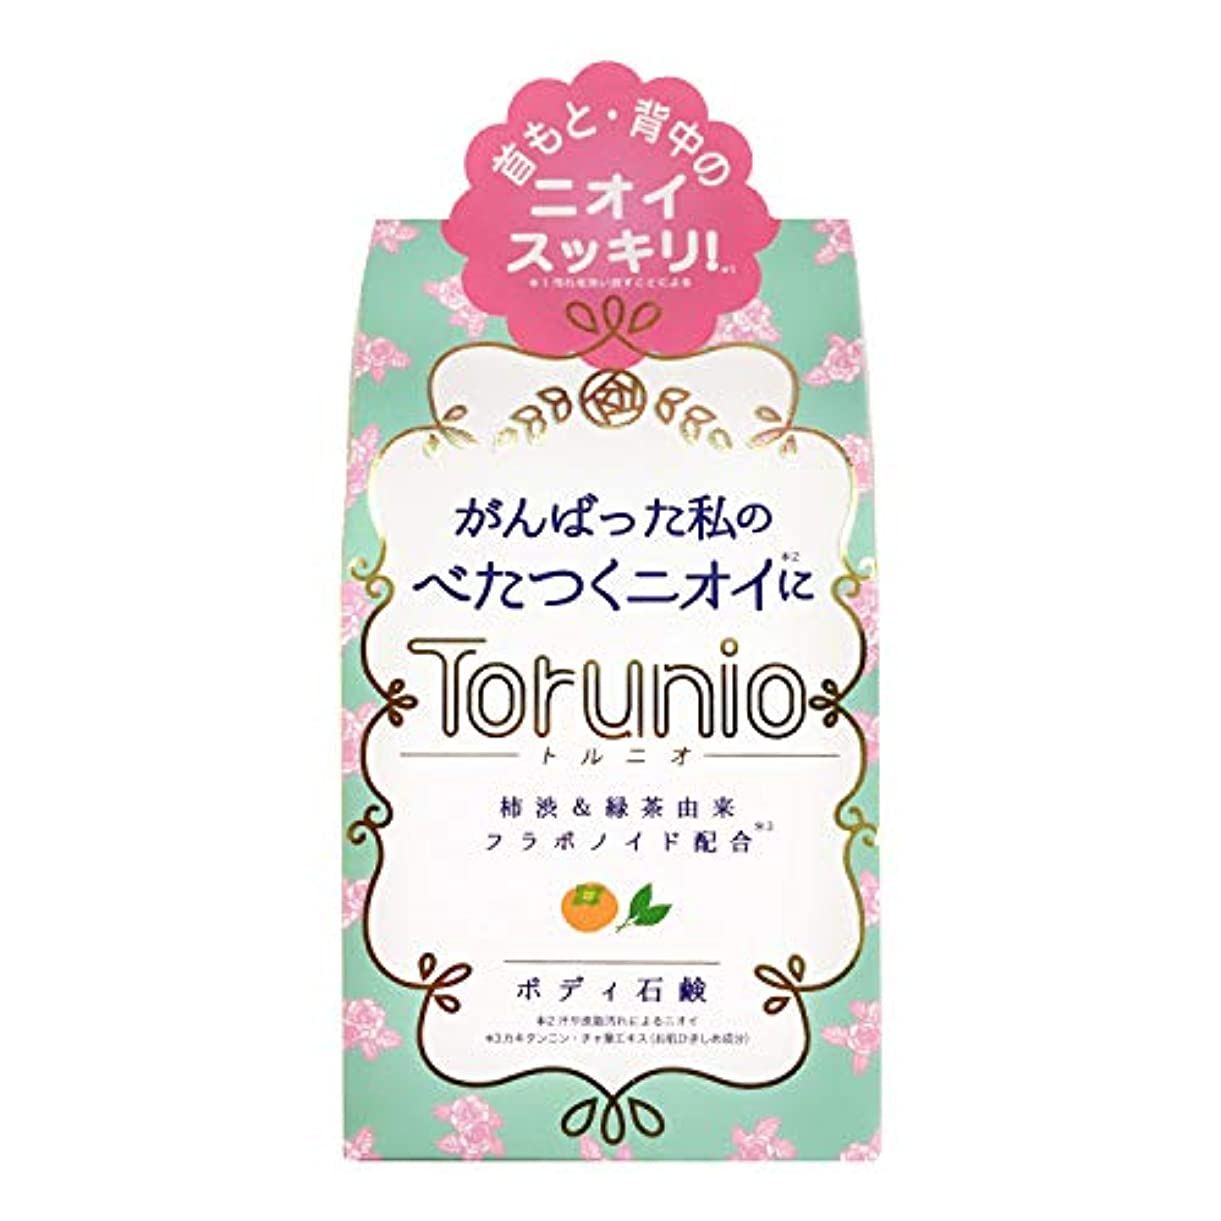 アプライアンス試すクローンTorunio(トルニオ)石鹸 100g